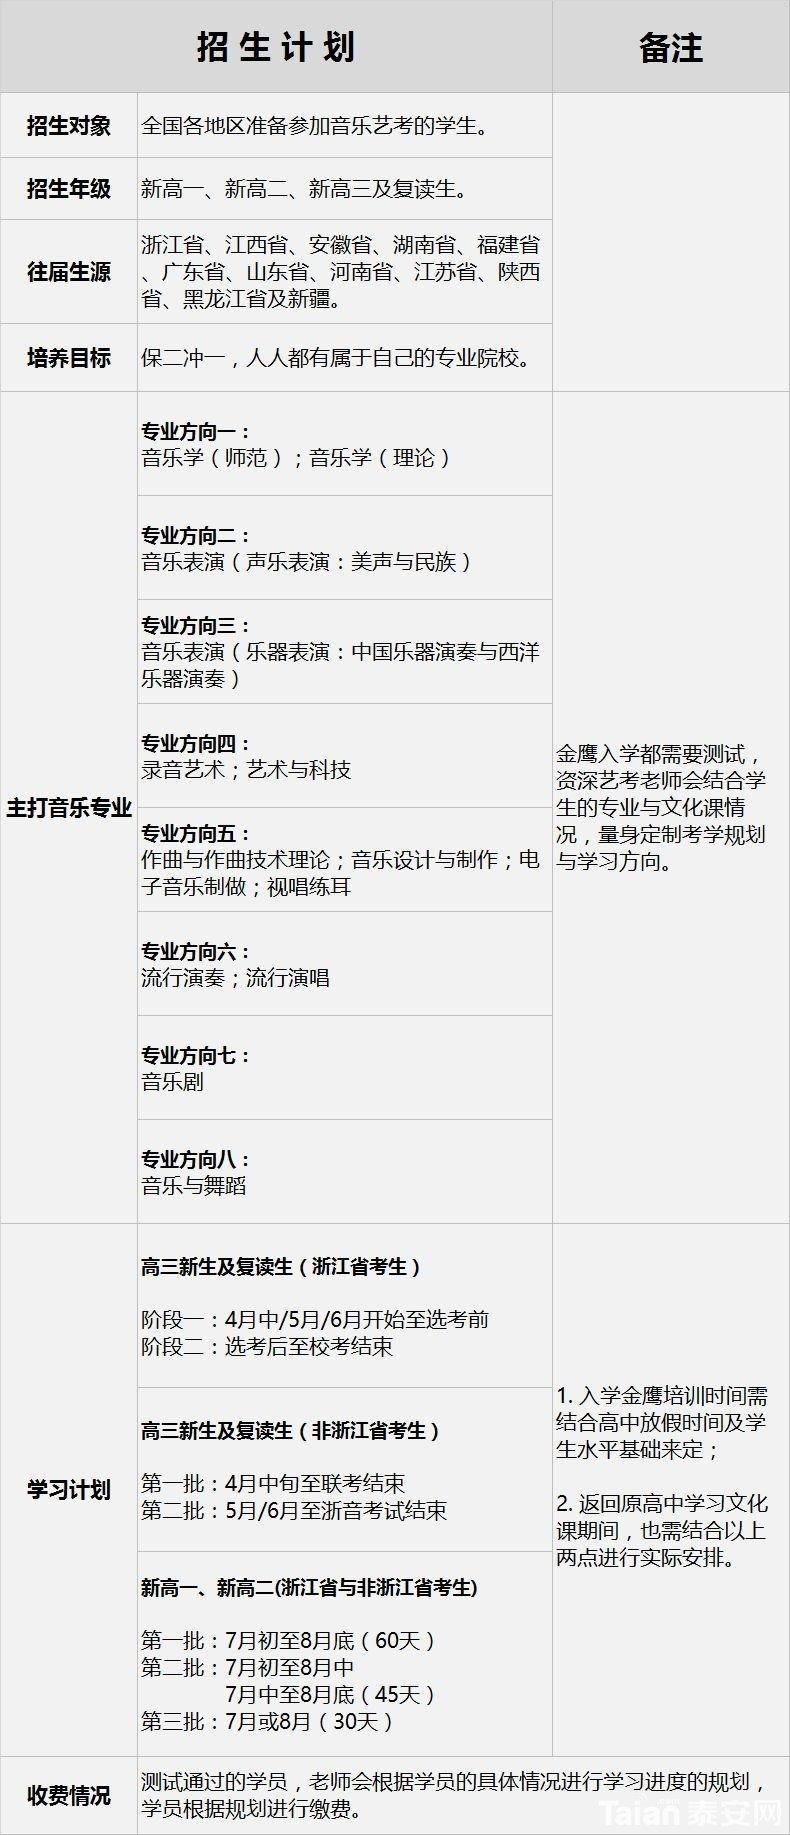 招生简章.jpg